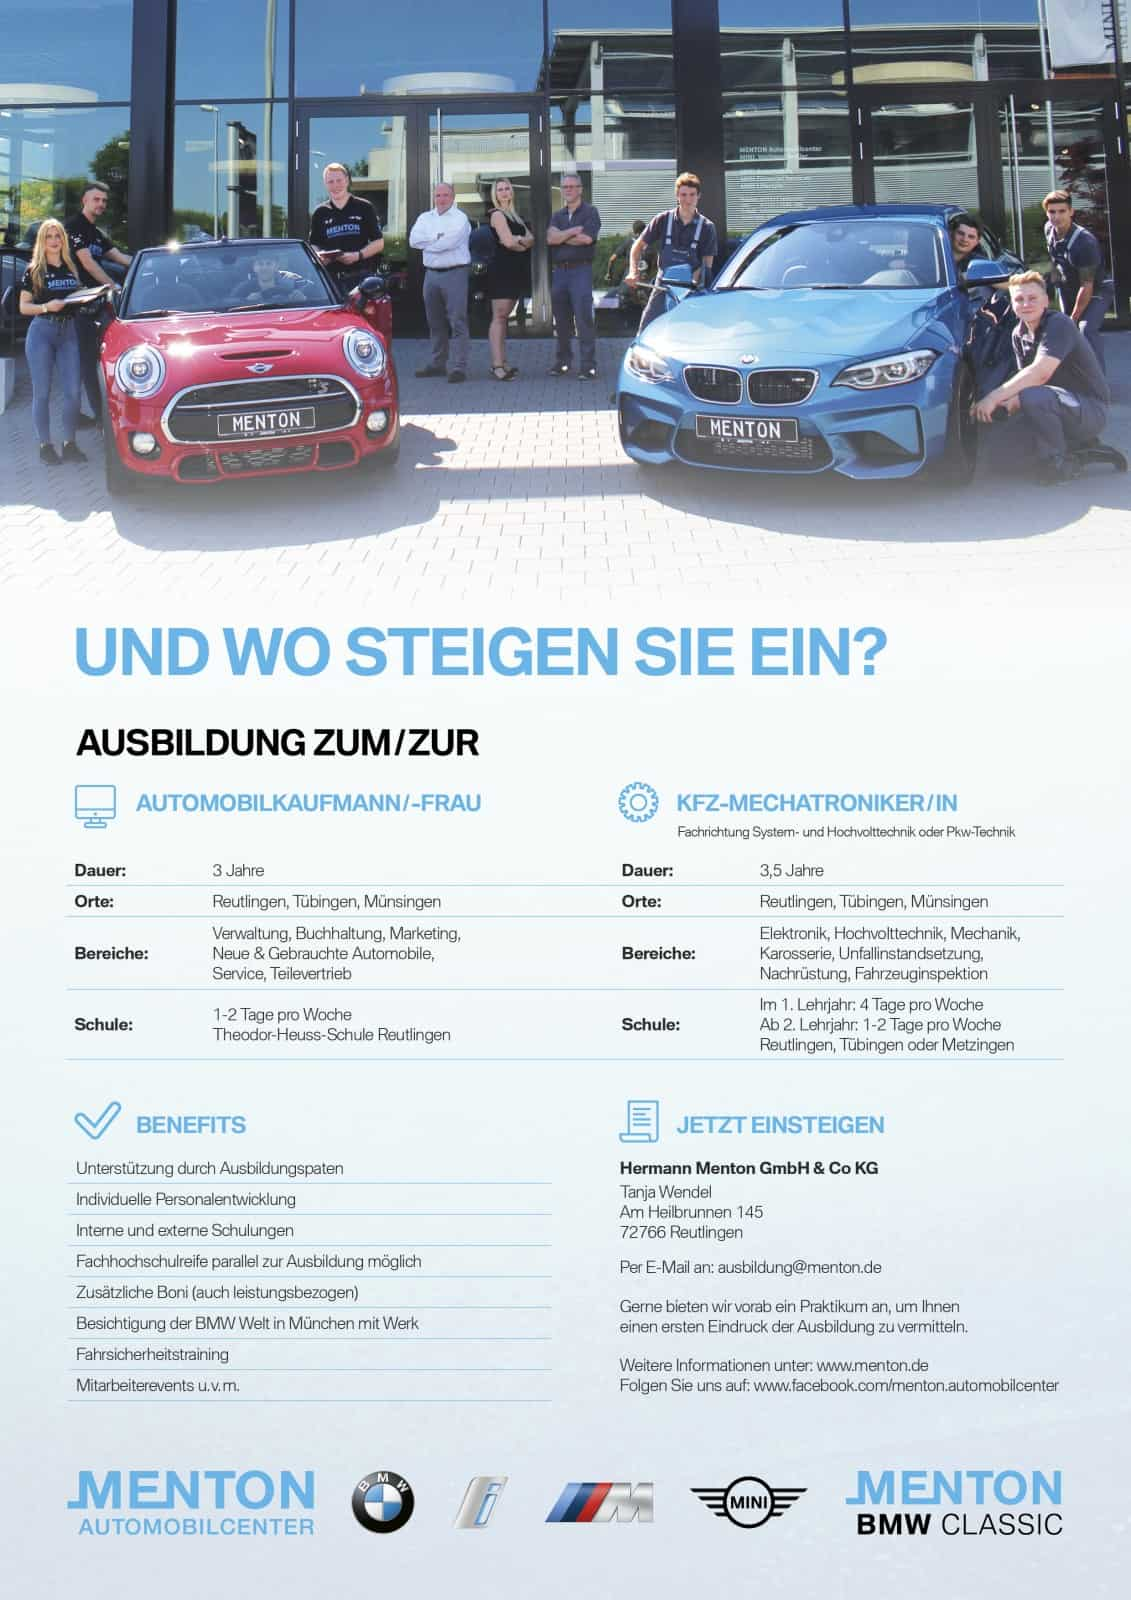 Ausbildung Und Studium Menton Automobilcenter